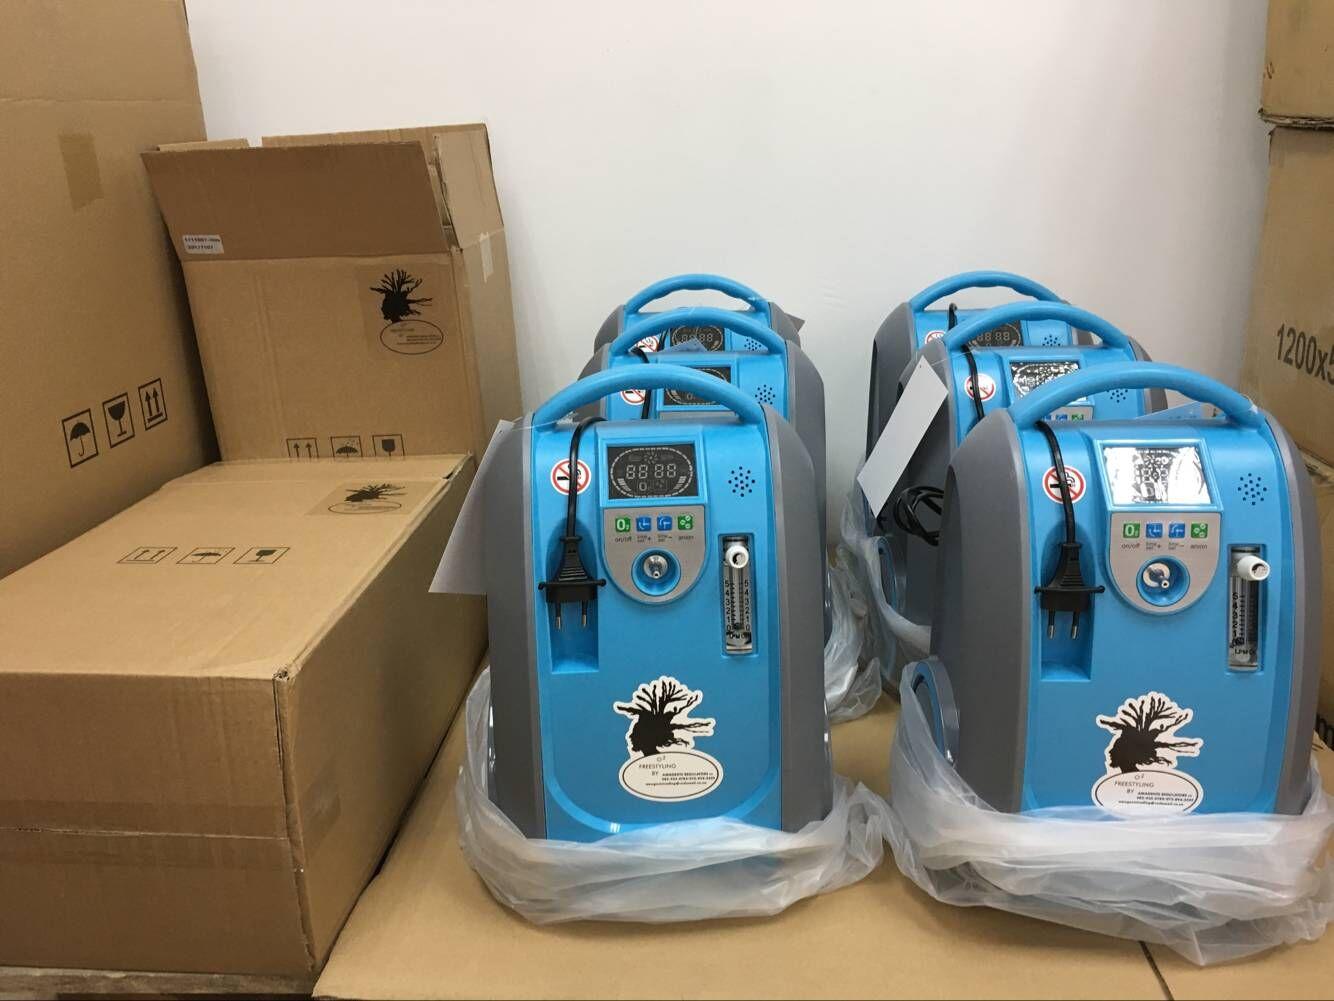 Portable oxygen concentrator 0-5 litre